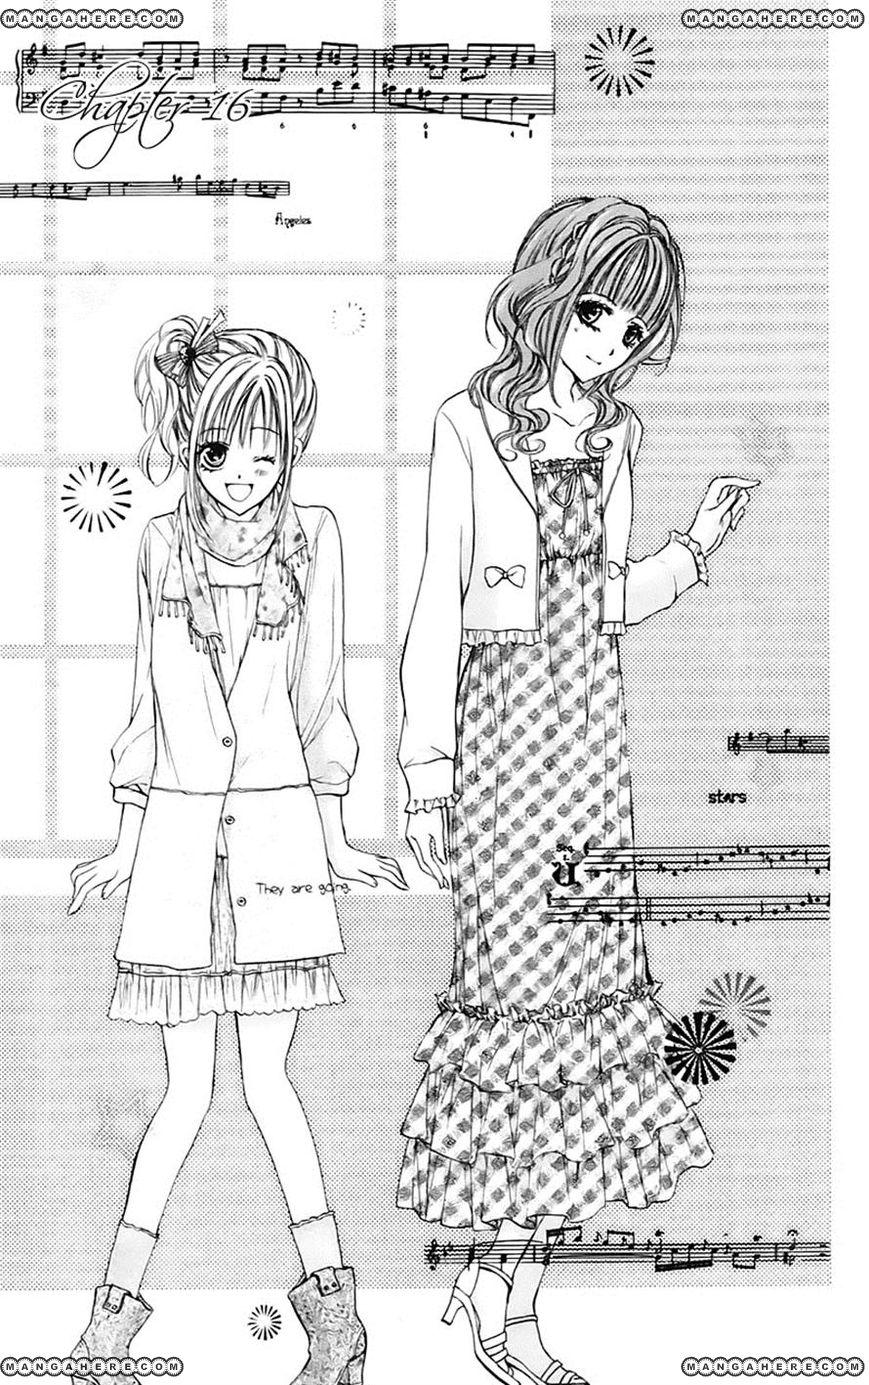 Namida Usagi - Seifuku no Kataomoi 16 Page 1